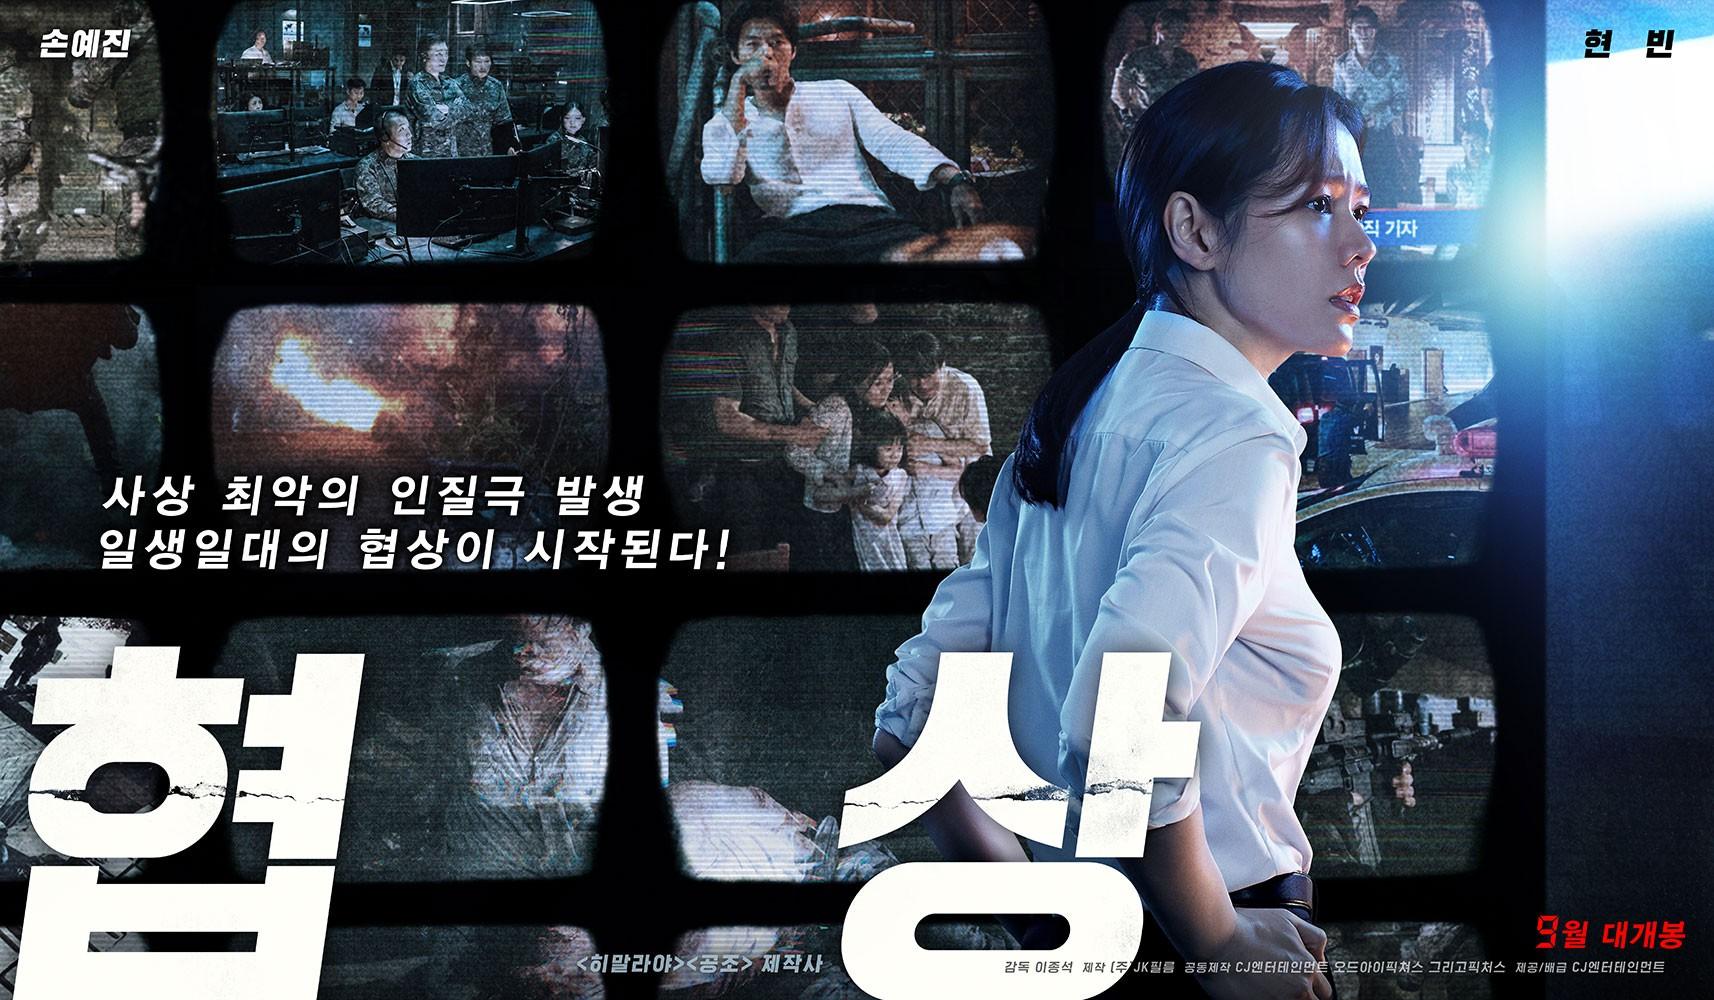 The Negotiation: Son Ye Jin và Hyun Bin quá đẹp, nhưng phim thì chỉ nên xem cho vui - Ảnh 1.